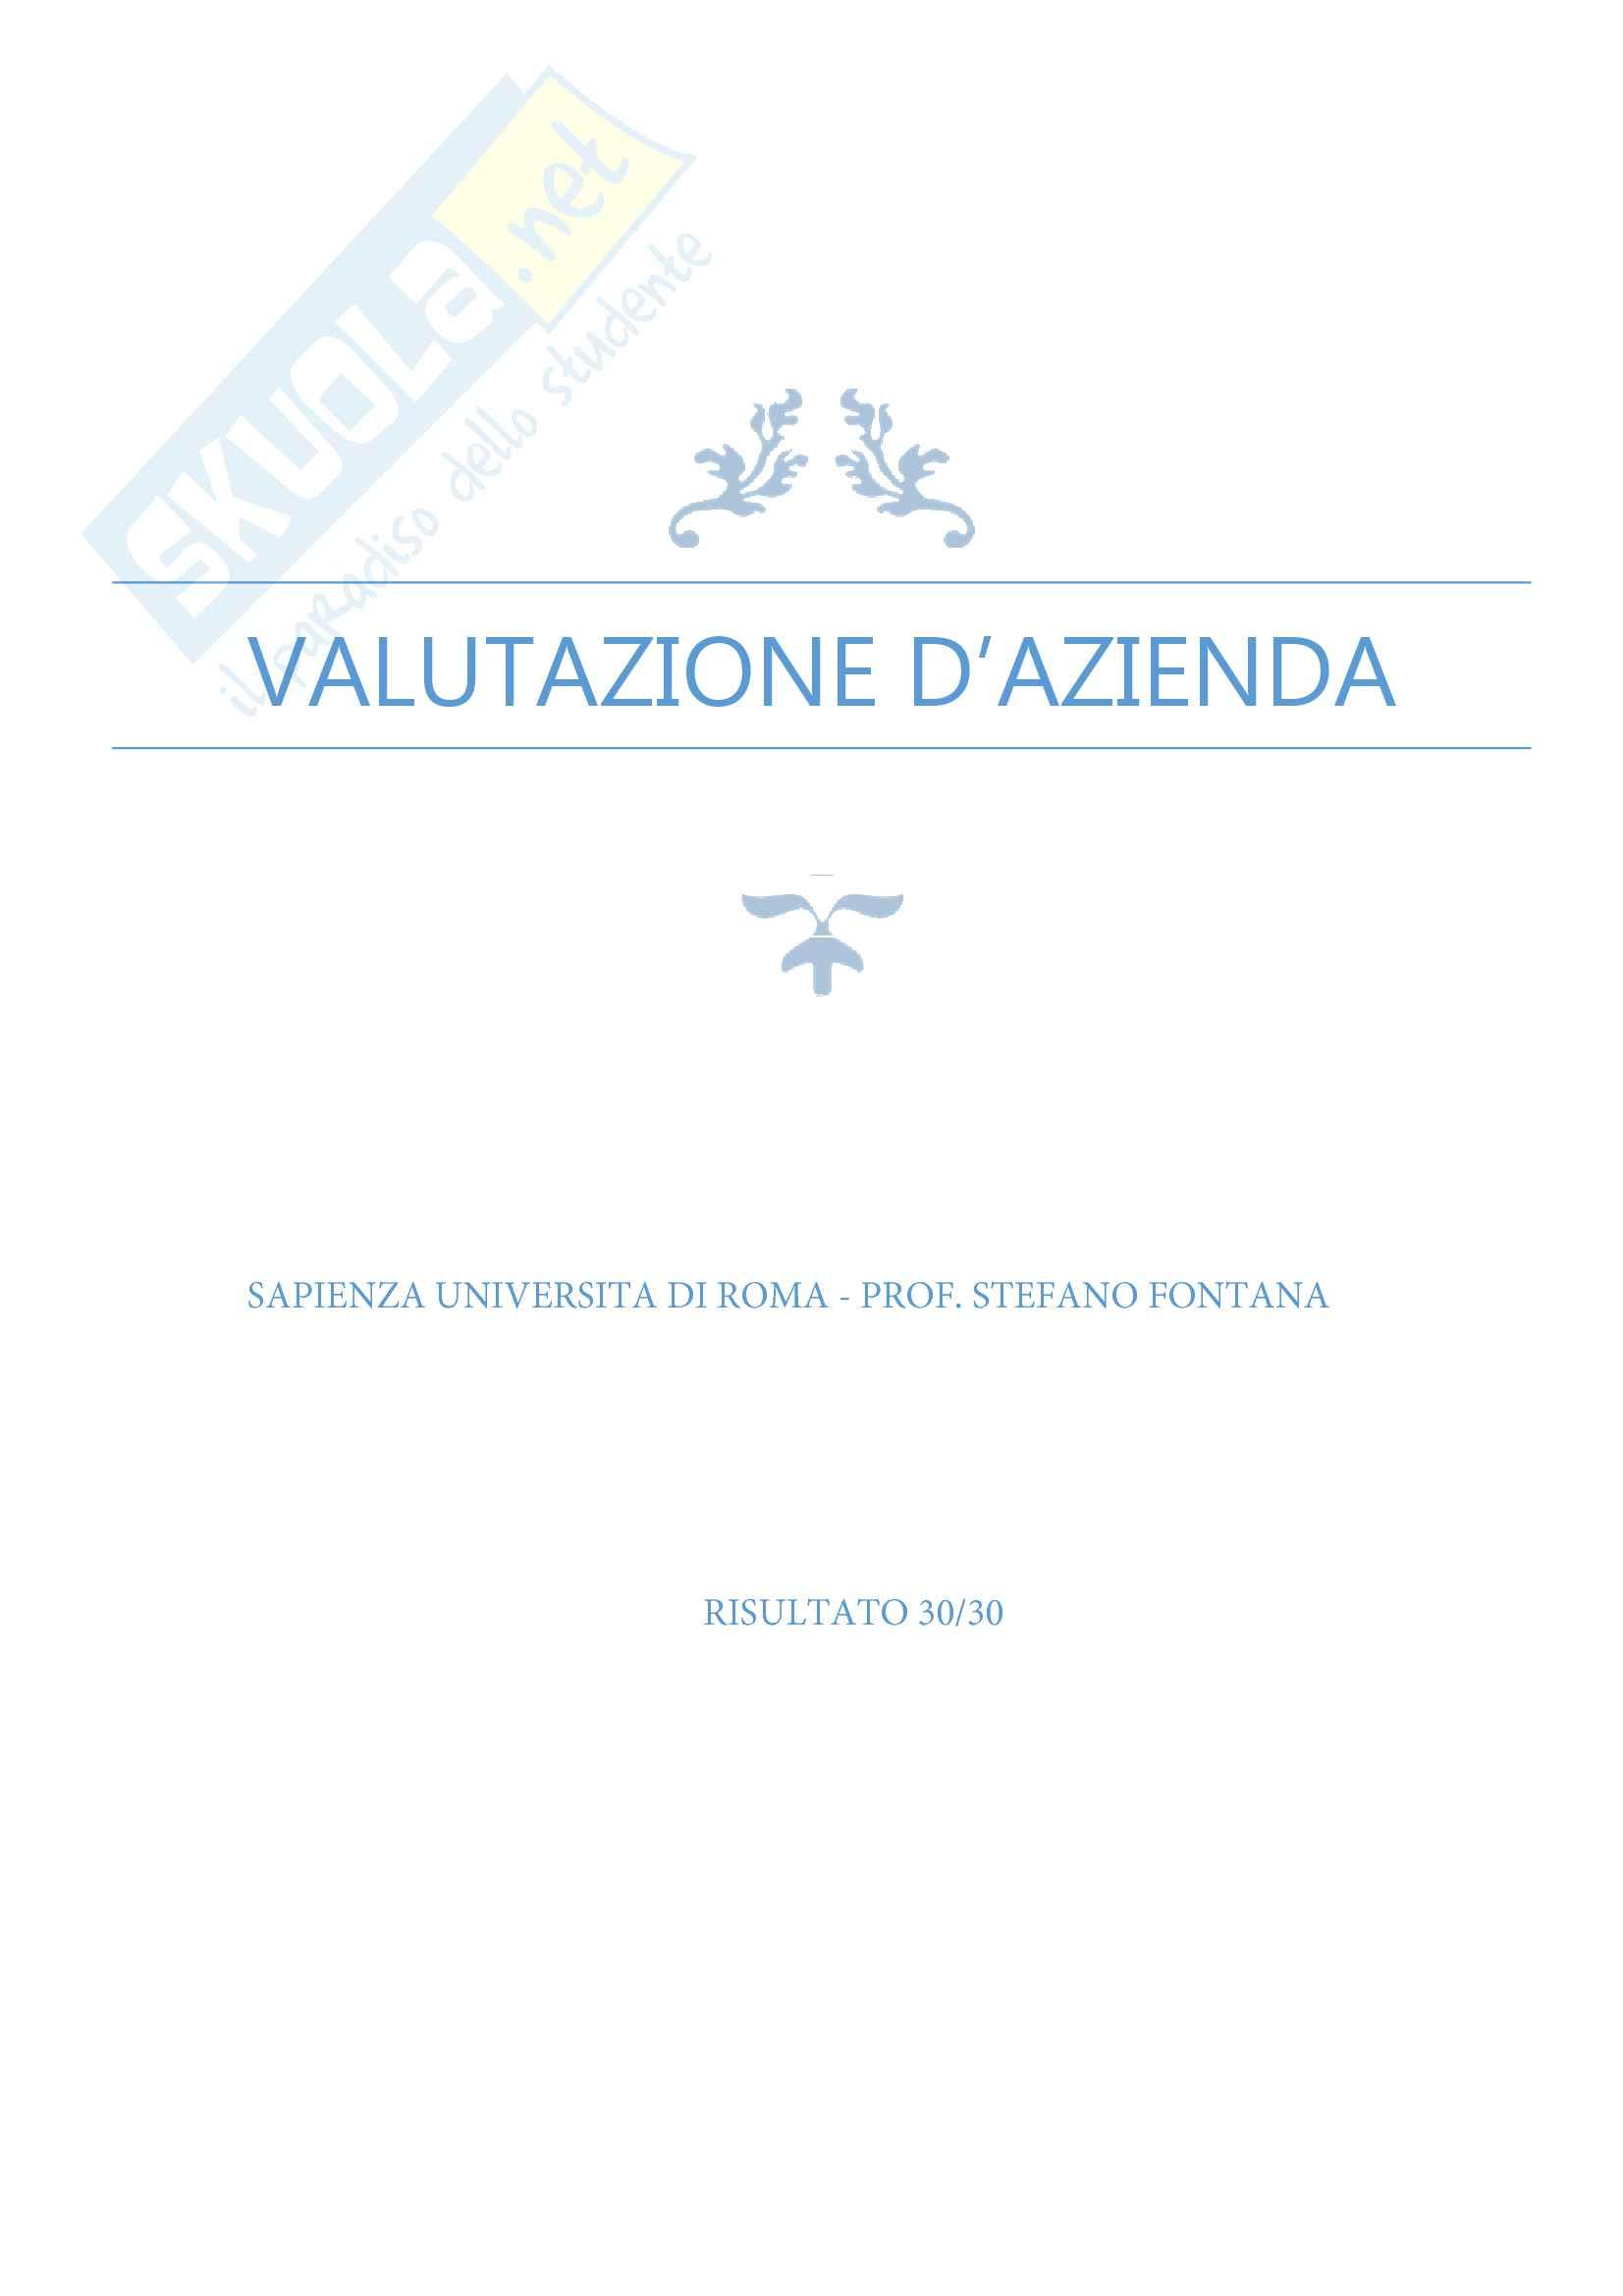 Valutazione d'azienda, prof. Fontana